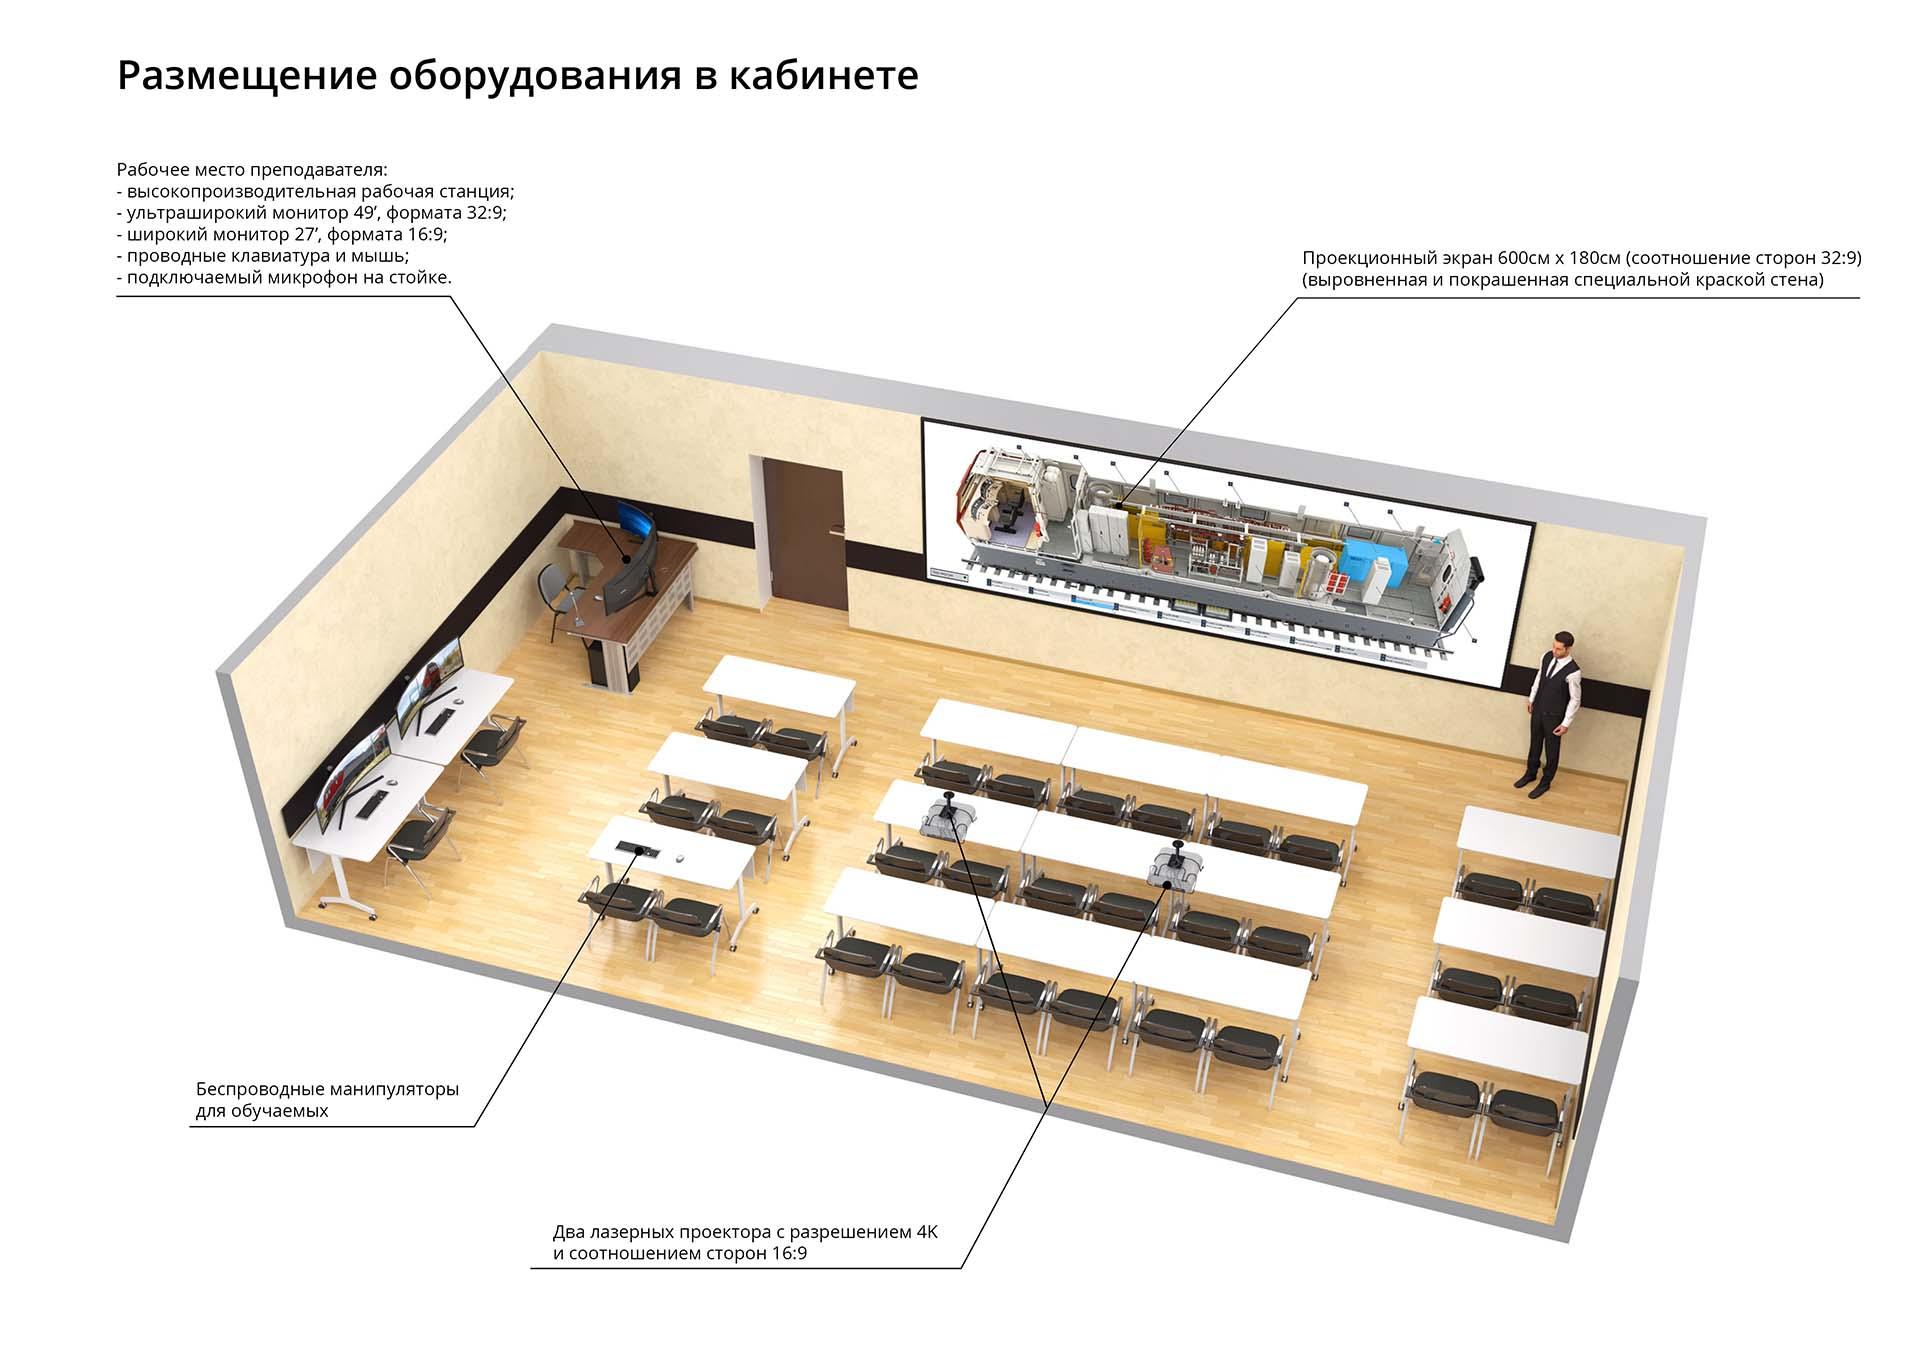 кабинет 1  Учебные кабинеты